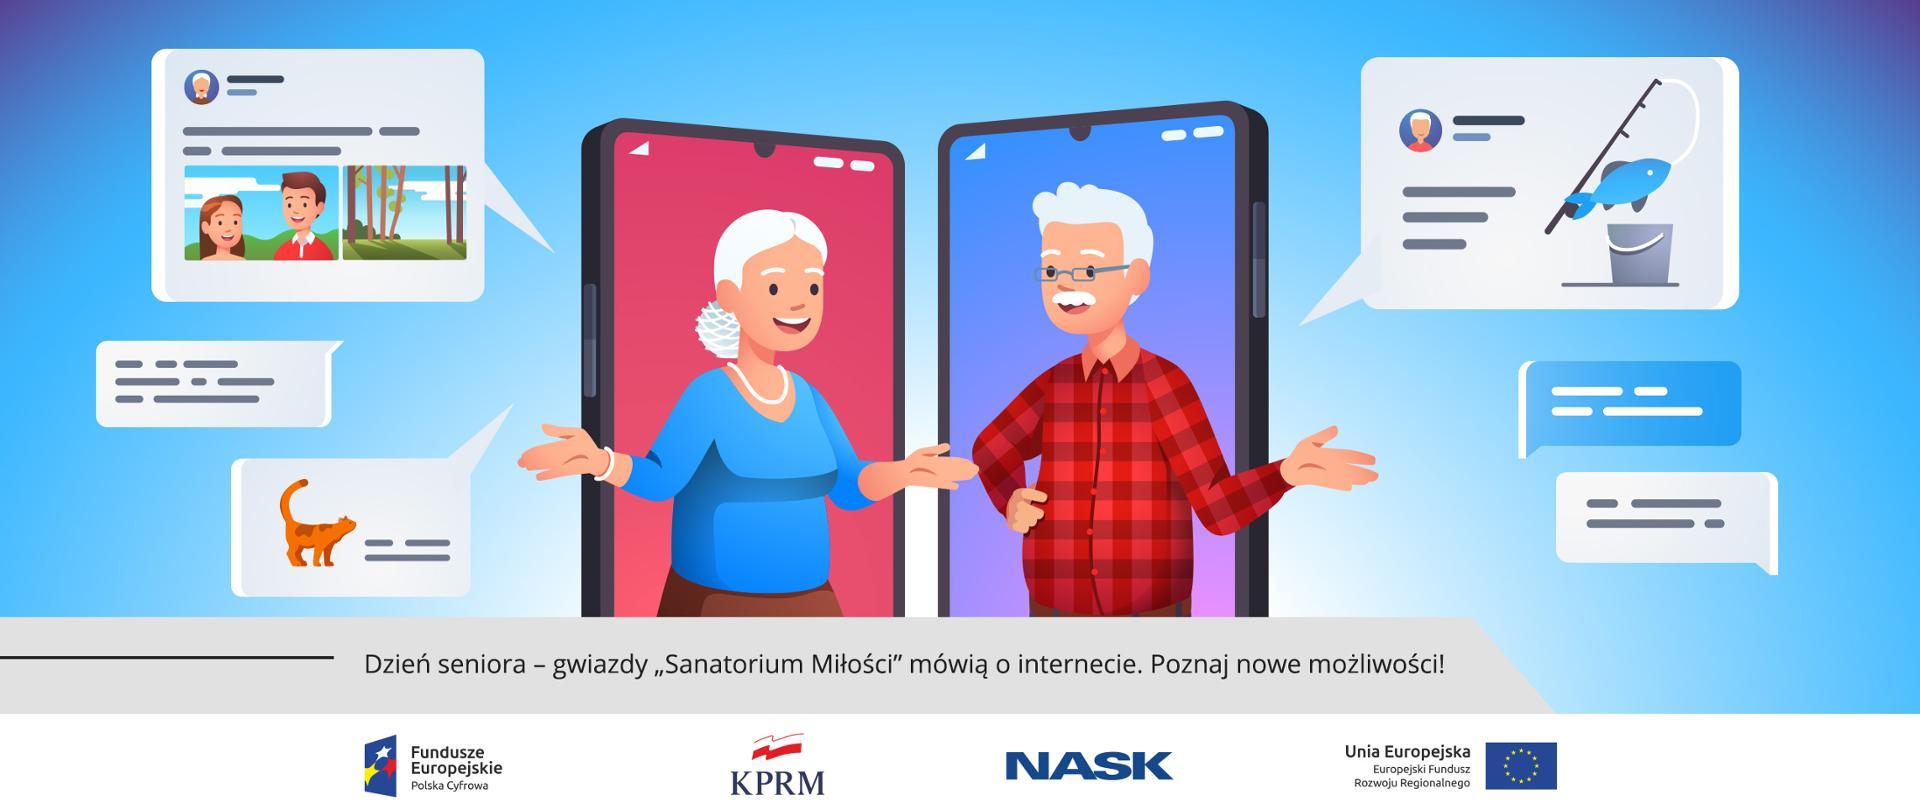 Grafika wektorowa - dwoje uśmiechniętych seniorów (kobieta i mężczyzna) na tle telefonów komórkowych, wokół nich ikony symbolizujące internetowe wiadomości i połączenia.